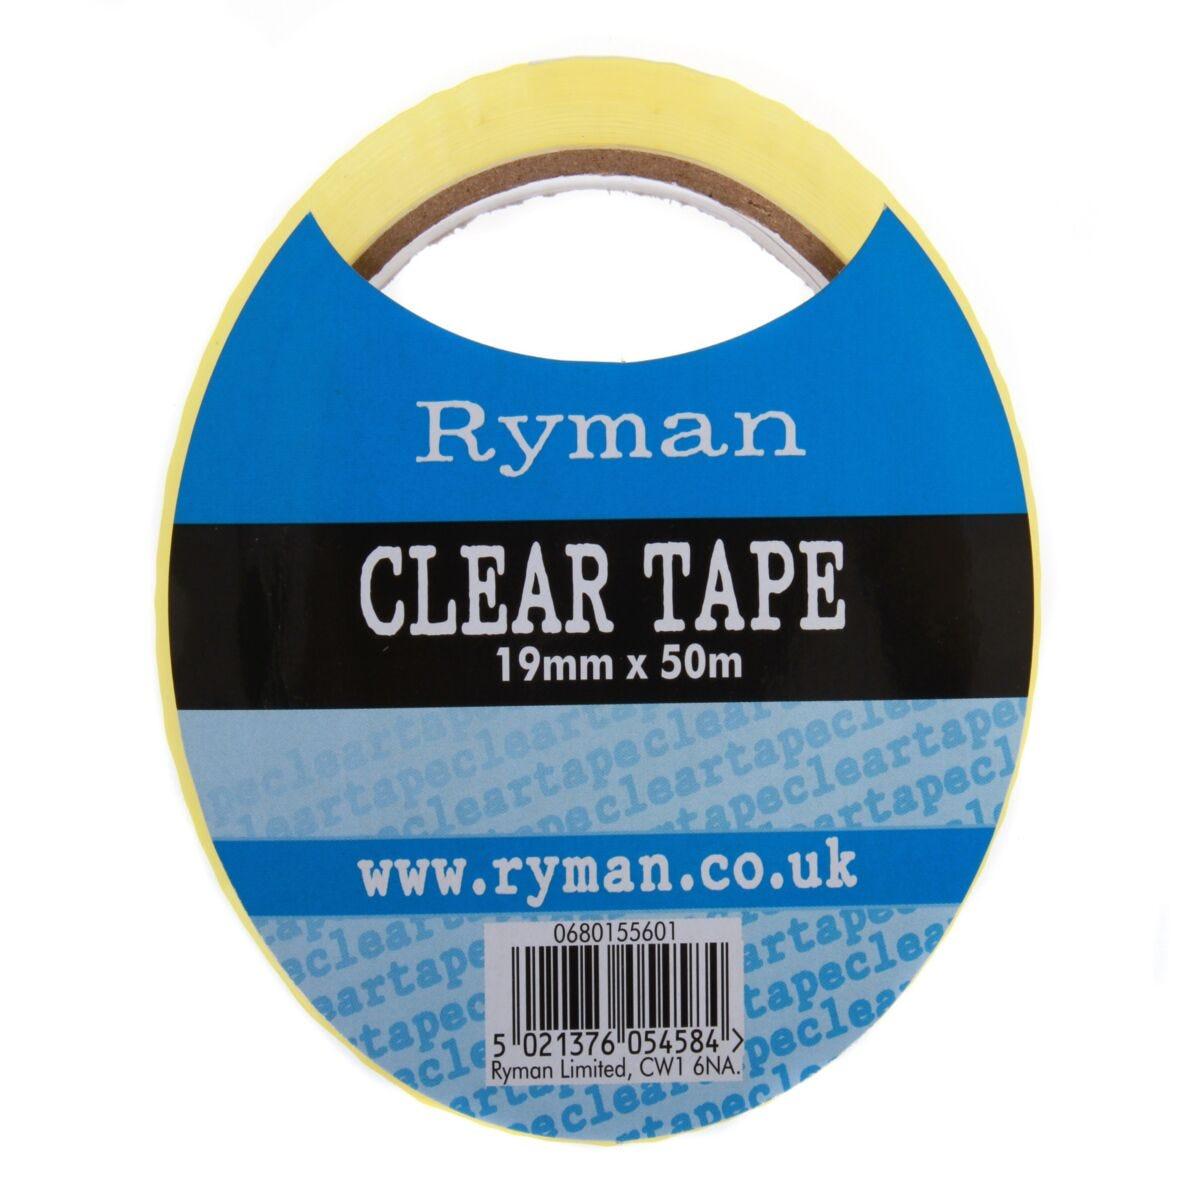 Ryman Tape 19mm x 50m Pack 16 Clear